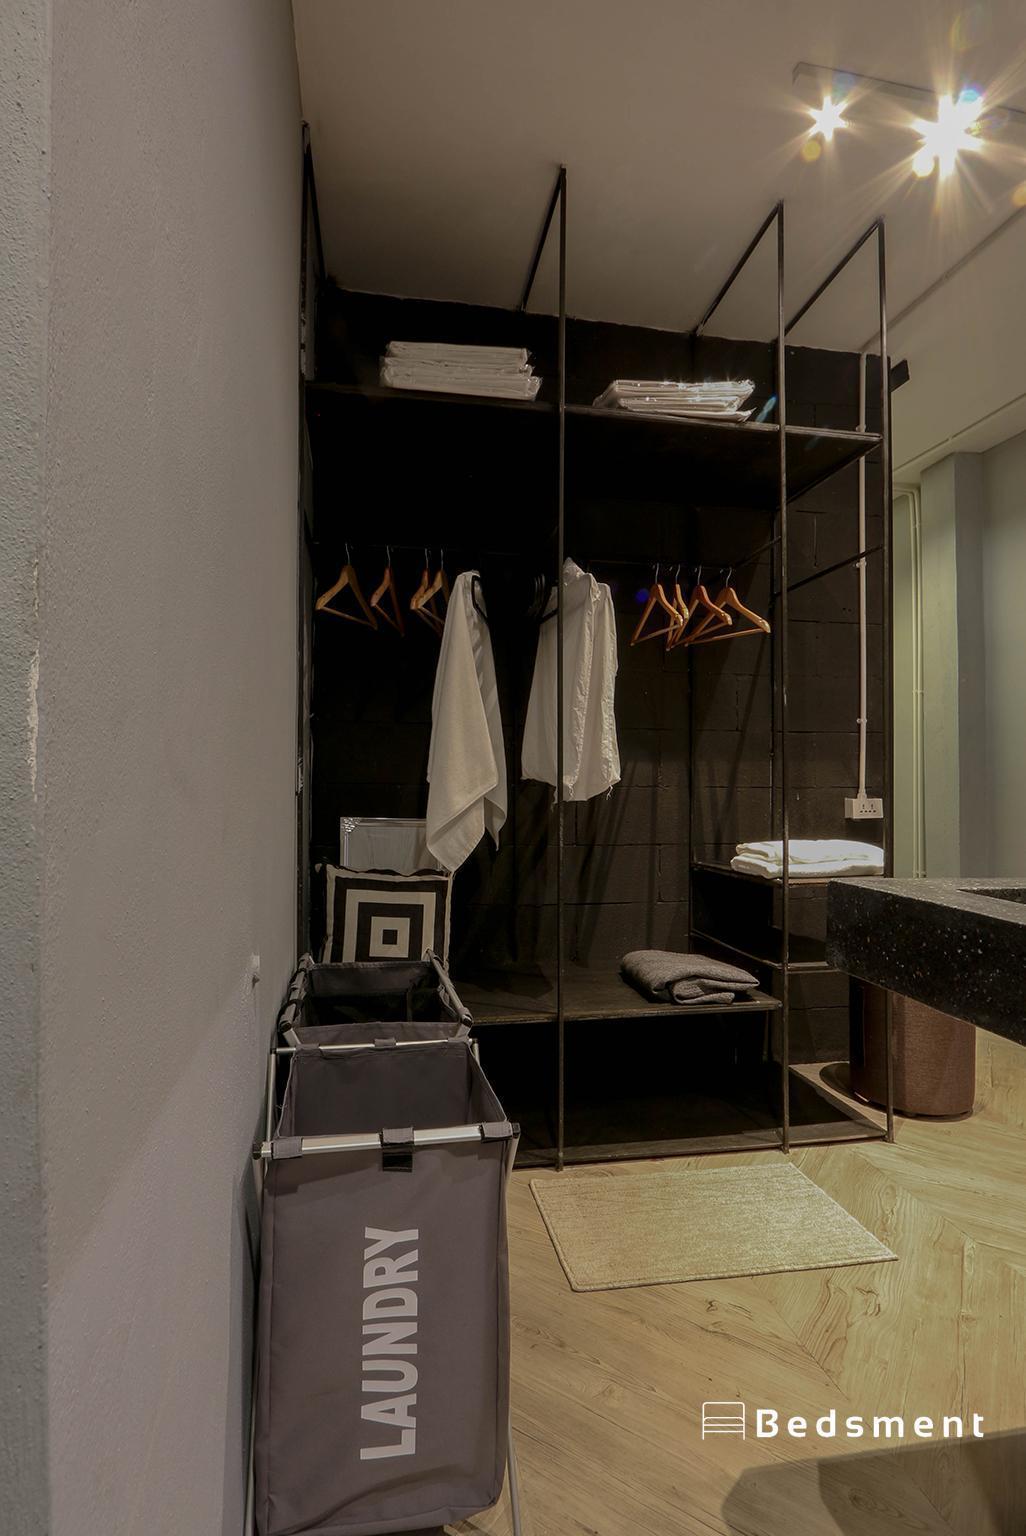 Bedsment@Hayaek บ้านเดี่ยว 2 ห้องนอน 3 ห้องน้ำส่วนตัว ขนาด 77 ตร.ม. – ใจกลางเมือง